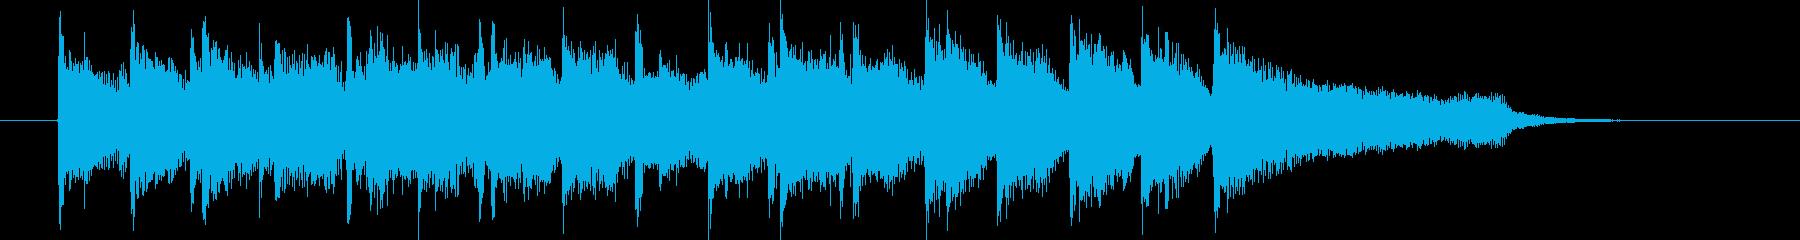 明るく弾みのある短いシンセサイザーの曲の再生済みの波形